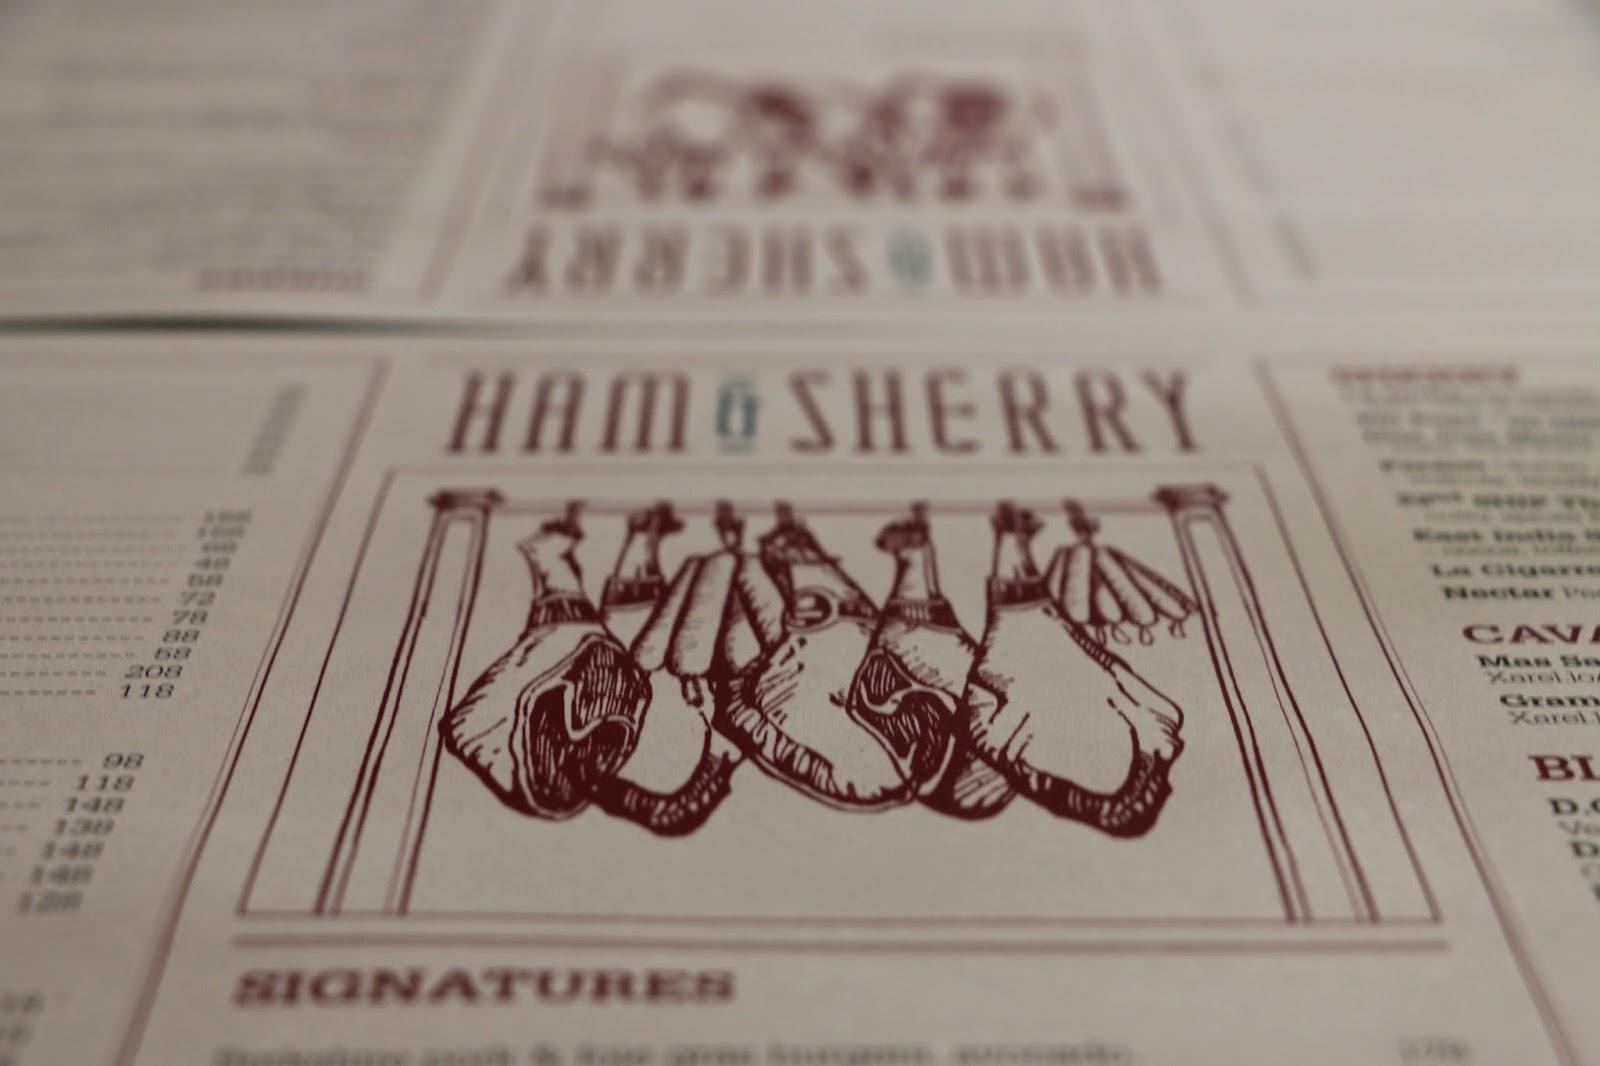 Ham&Sherry, 西班牙, tapas, ship street, menu